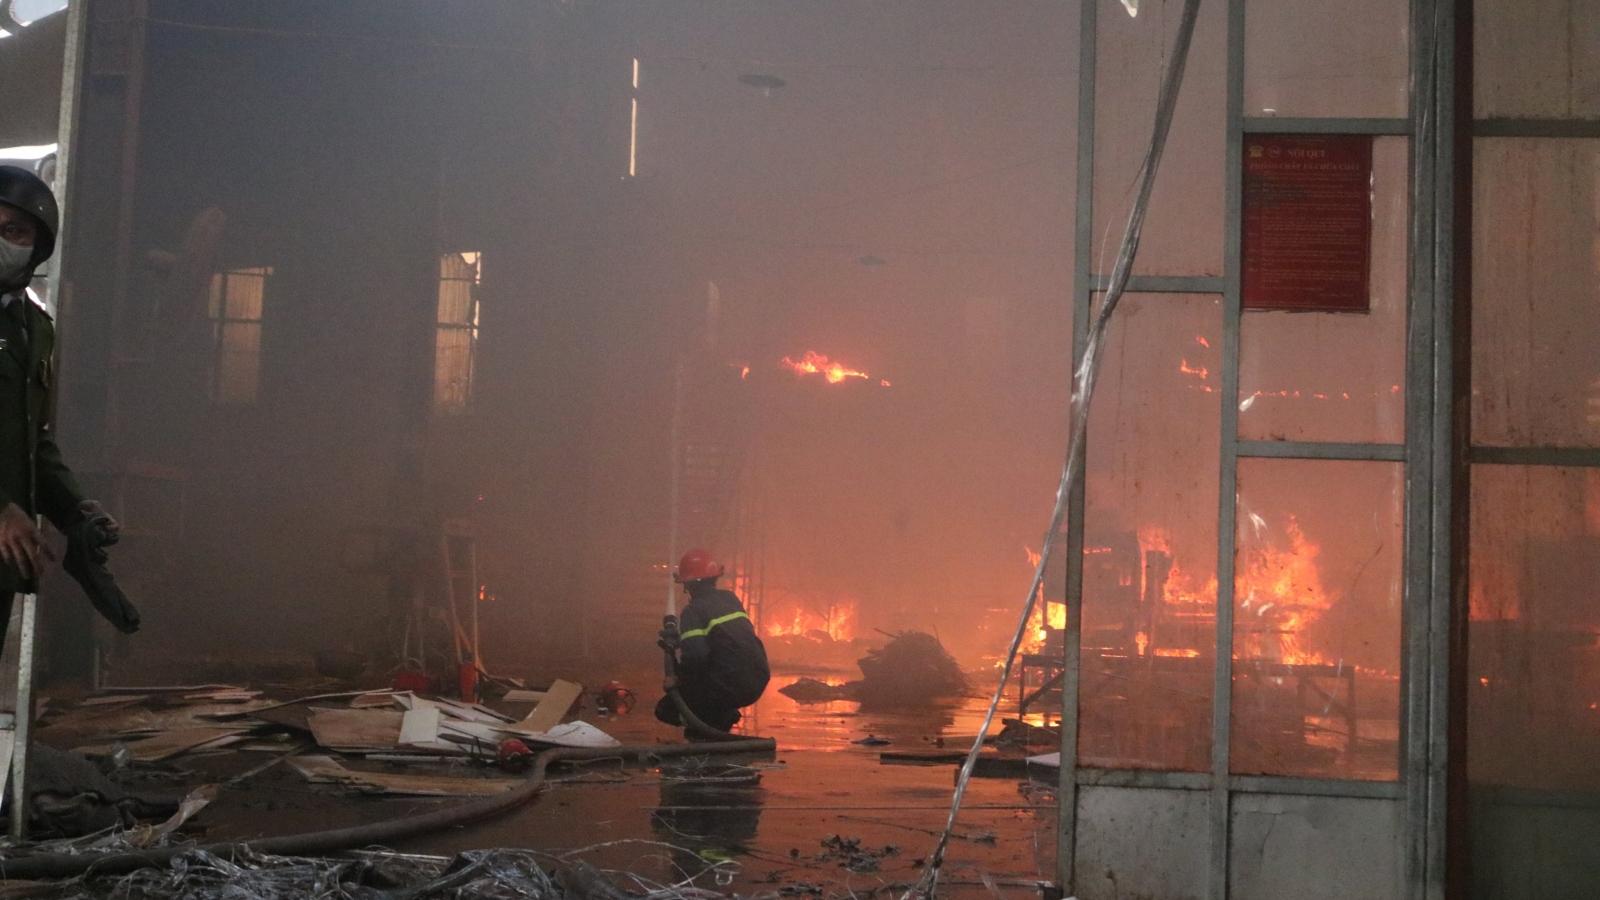 Nóng: Đang cháy lớn tại xưởng gỗ ở Hải Phòng